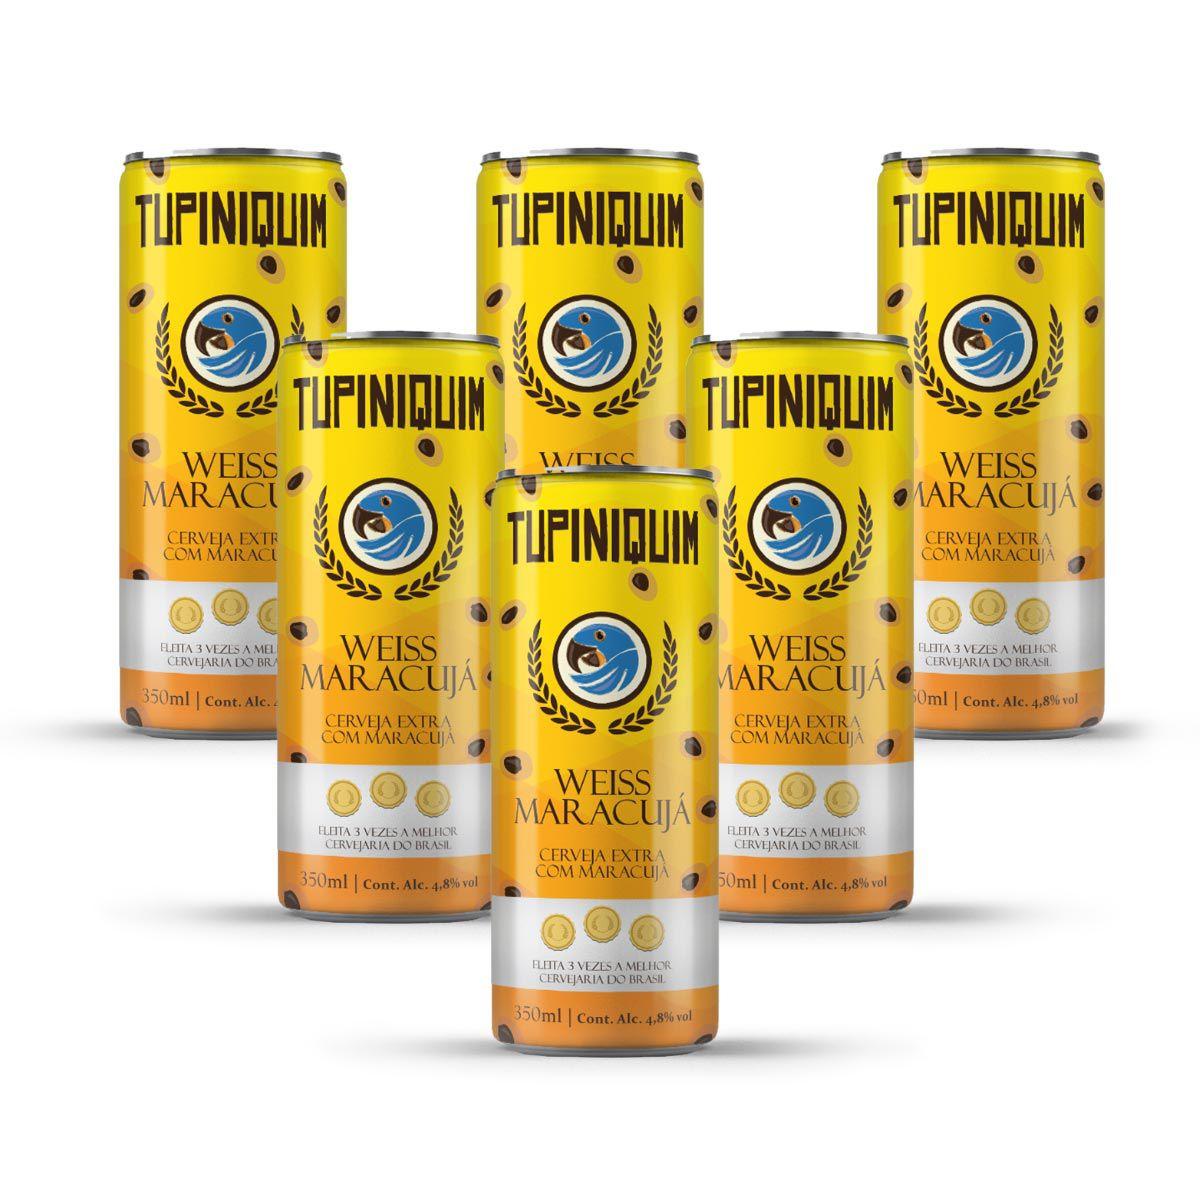 Pack Tupiniquim Weiss Maracujá 6 cervejas 350ml